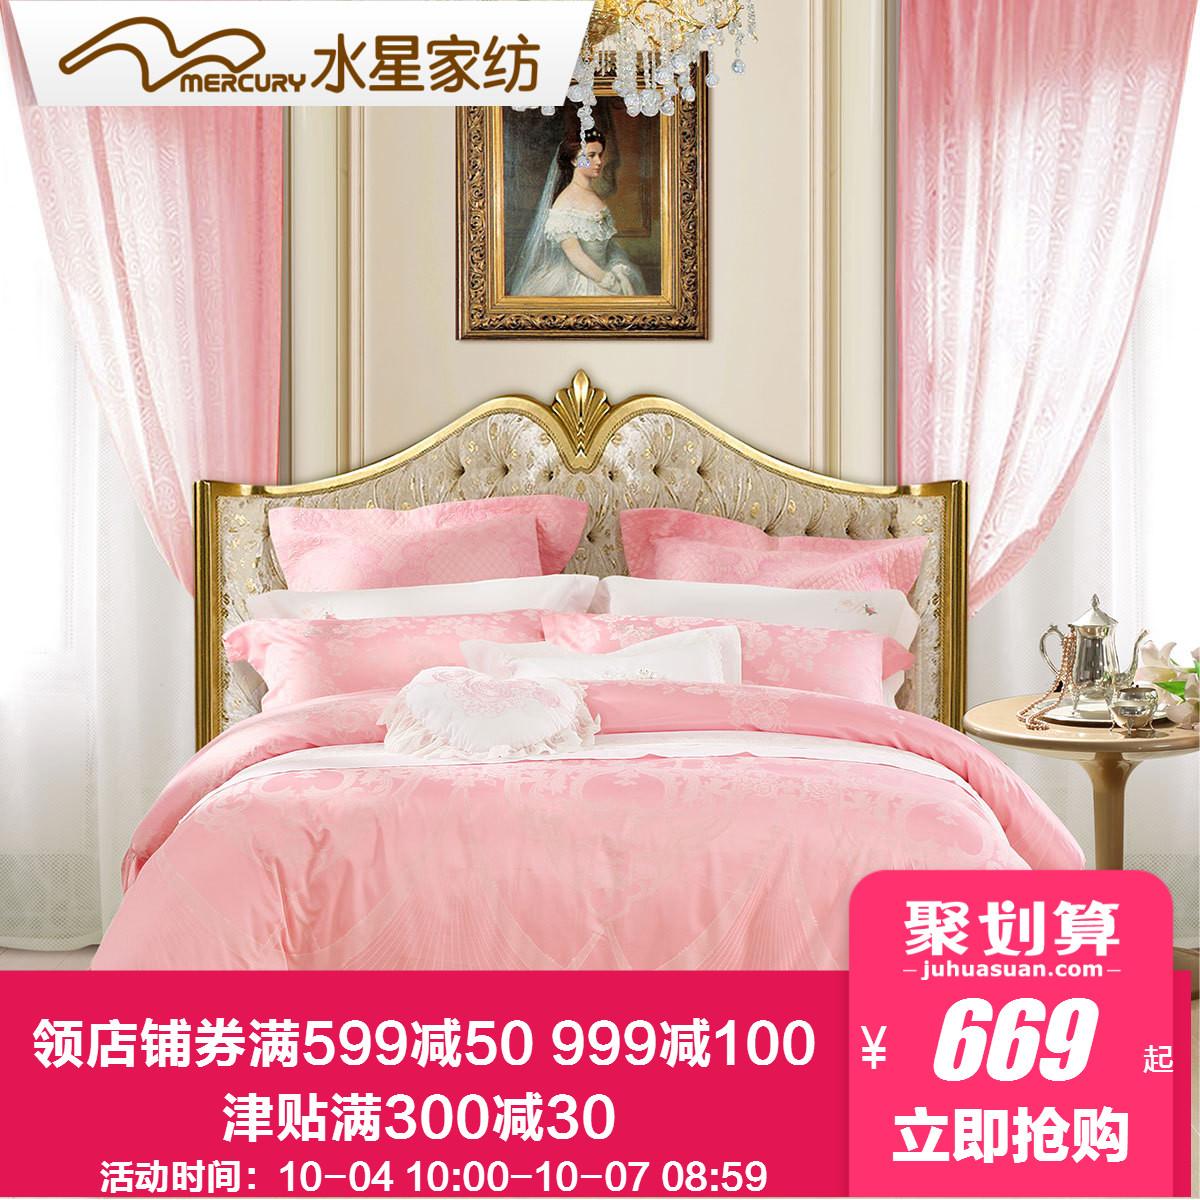 水星家纺婚庆四件套结婚提花床上用品粉色双人床单被套爱情协奏曲